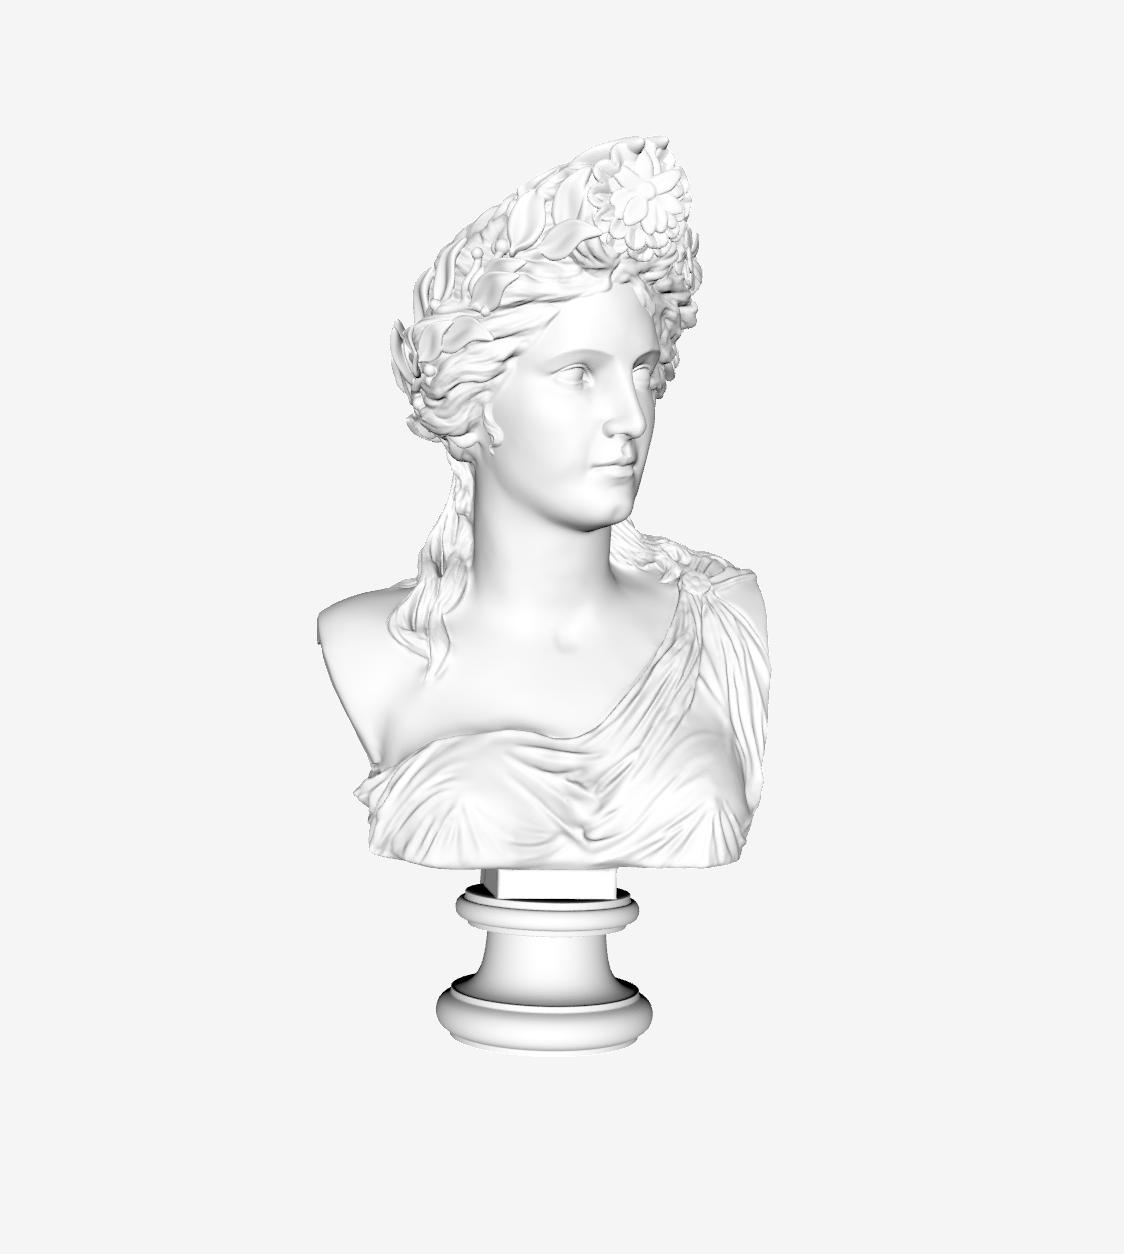 Capture d'écran 2018-09-21 à 12.25.48.png Download free STL file Corinne at The Louvre, Paris • 3D print model, Louvre